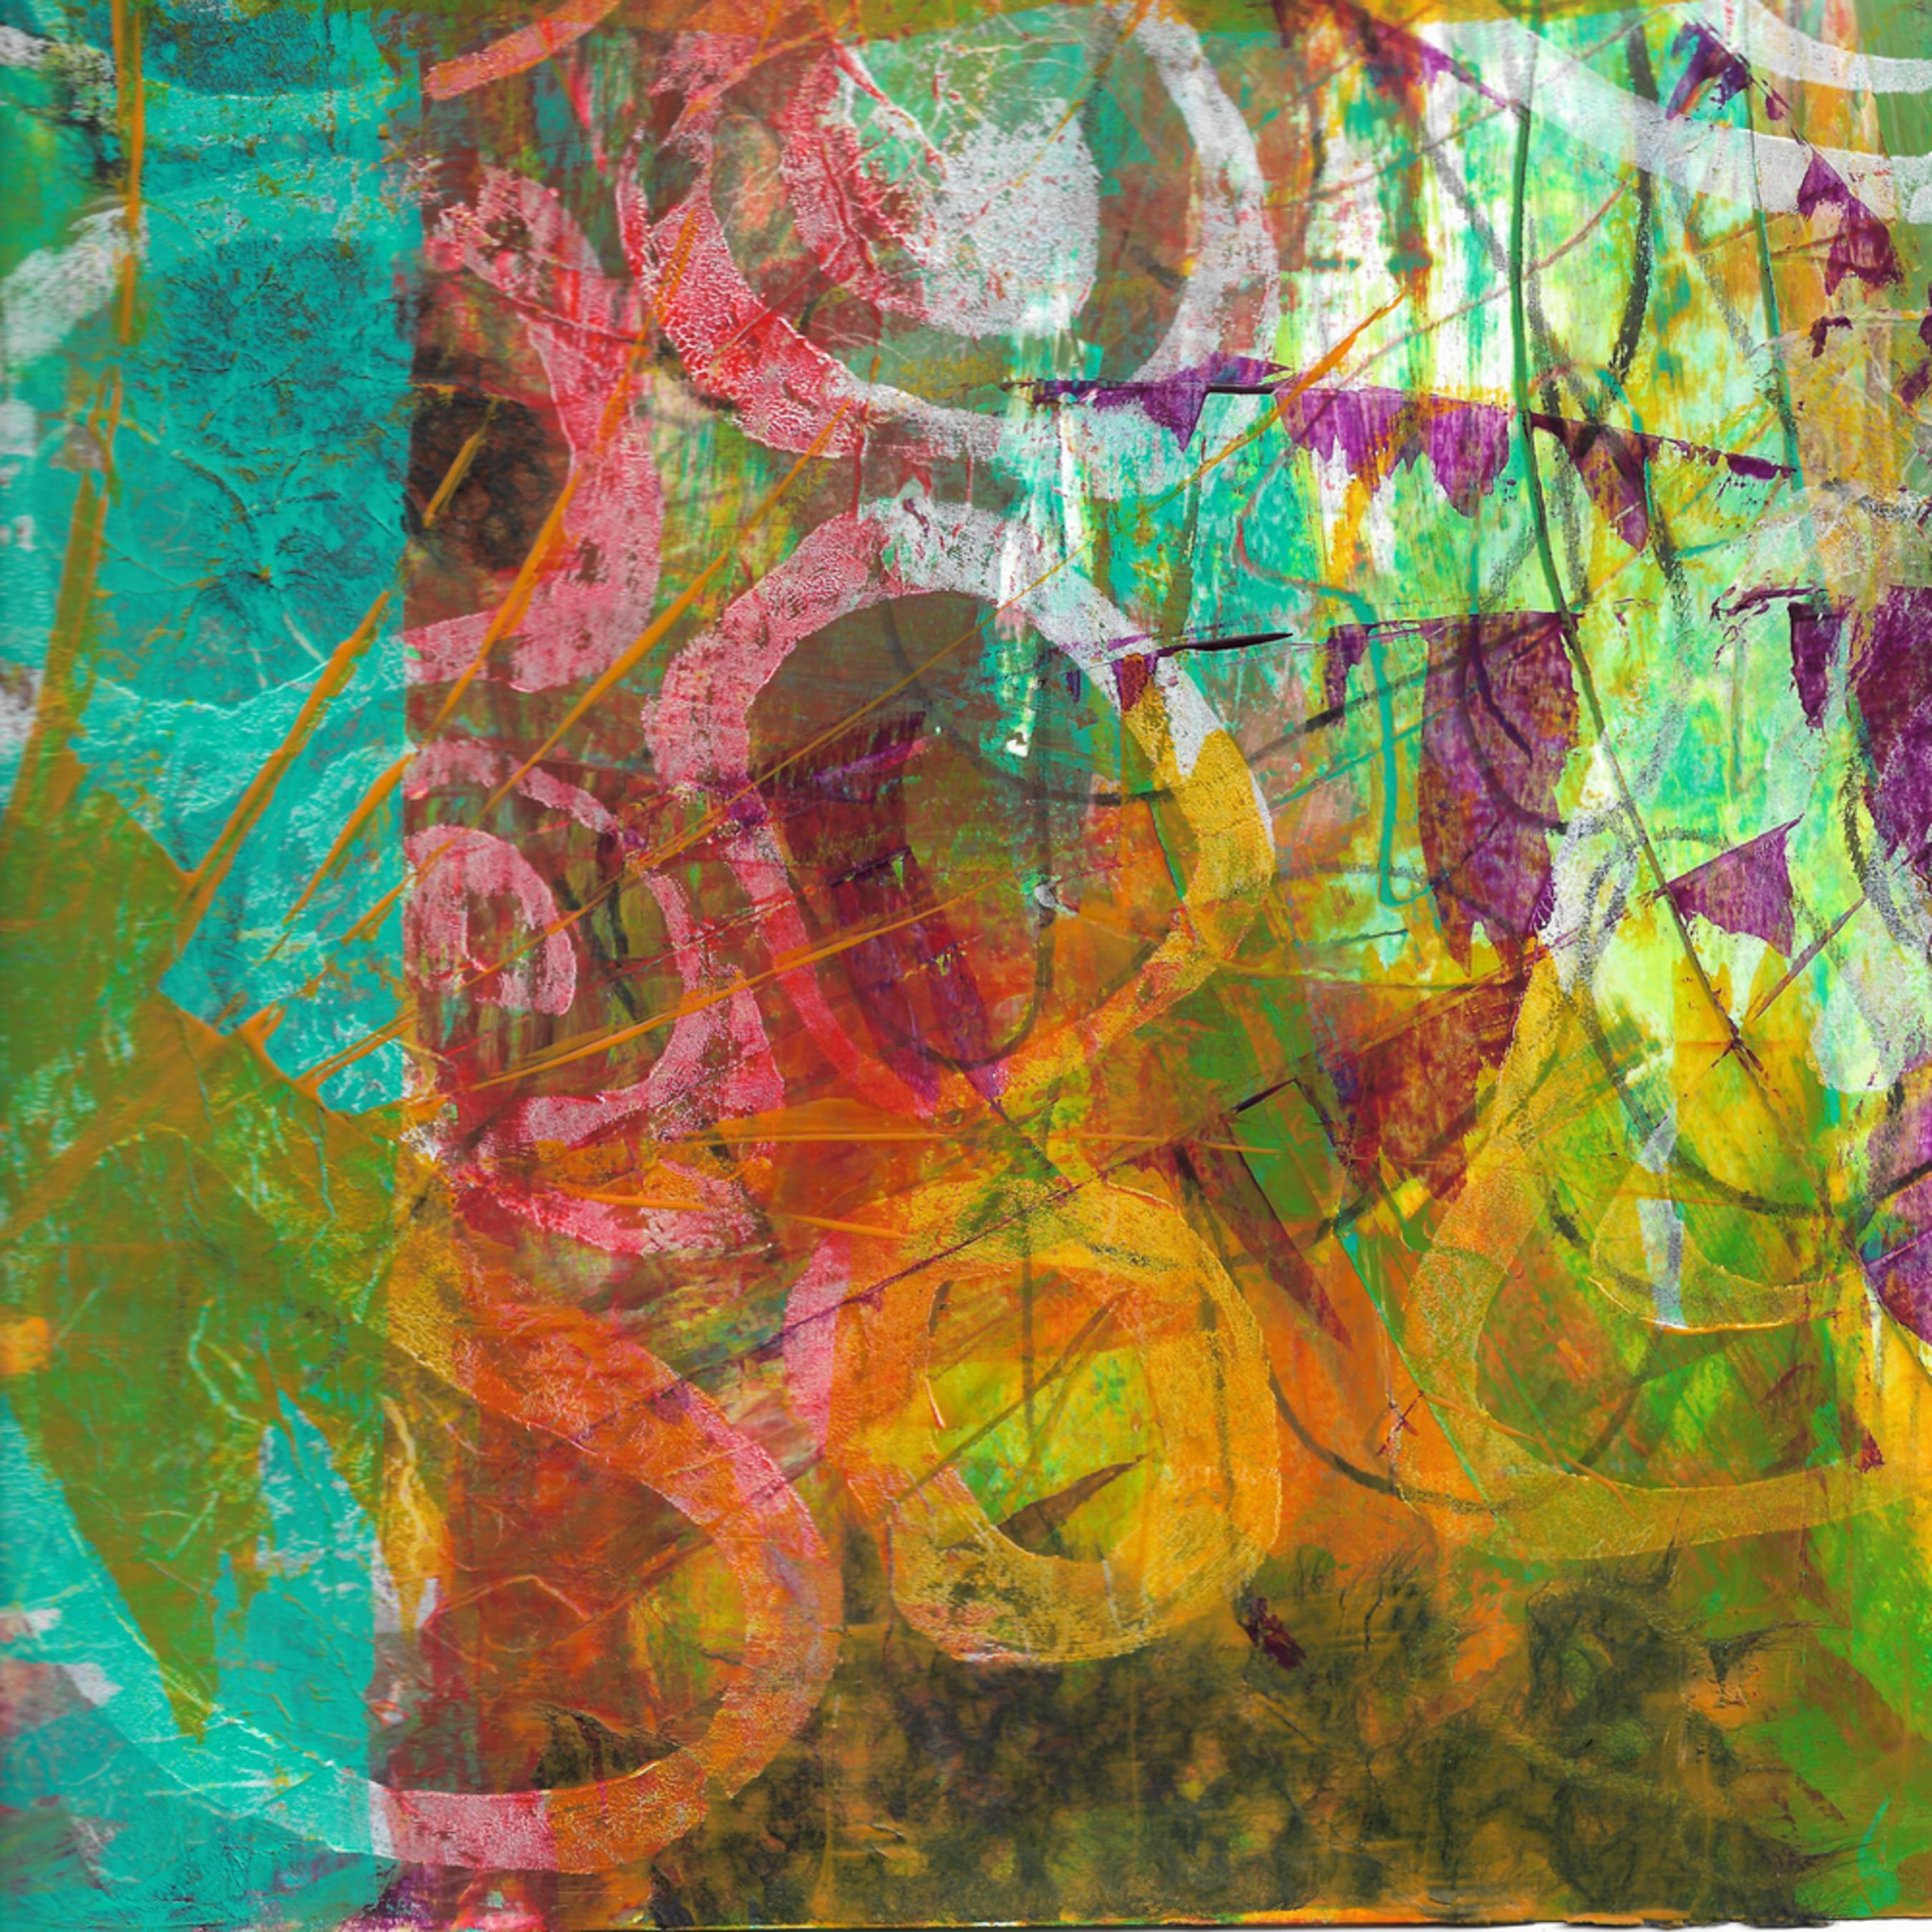 Flicker of truth 9x9 zl4q8i